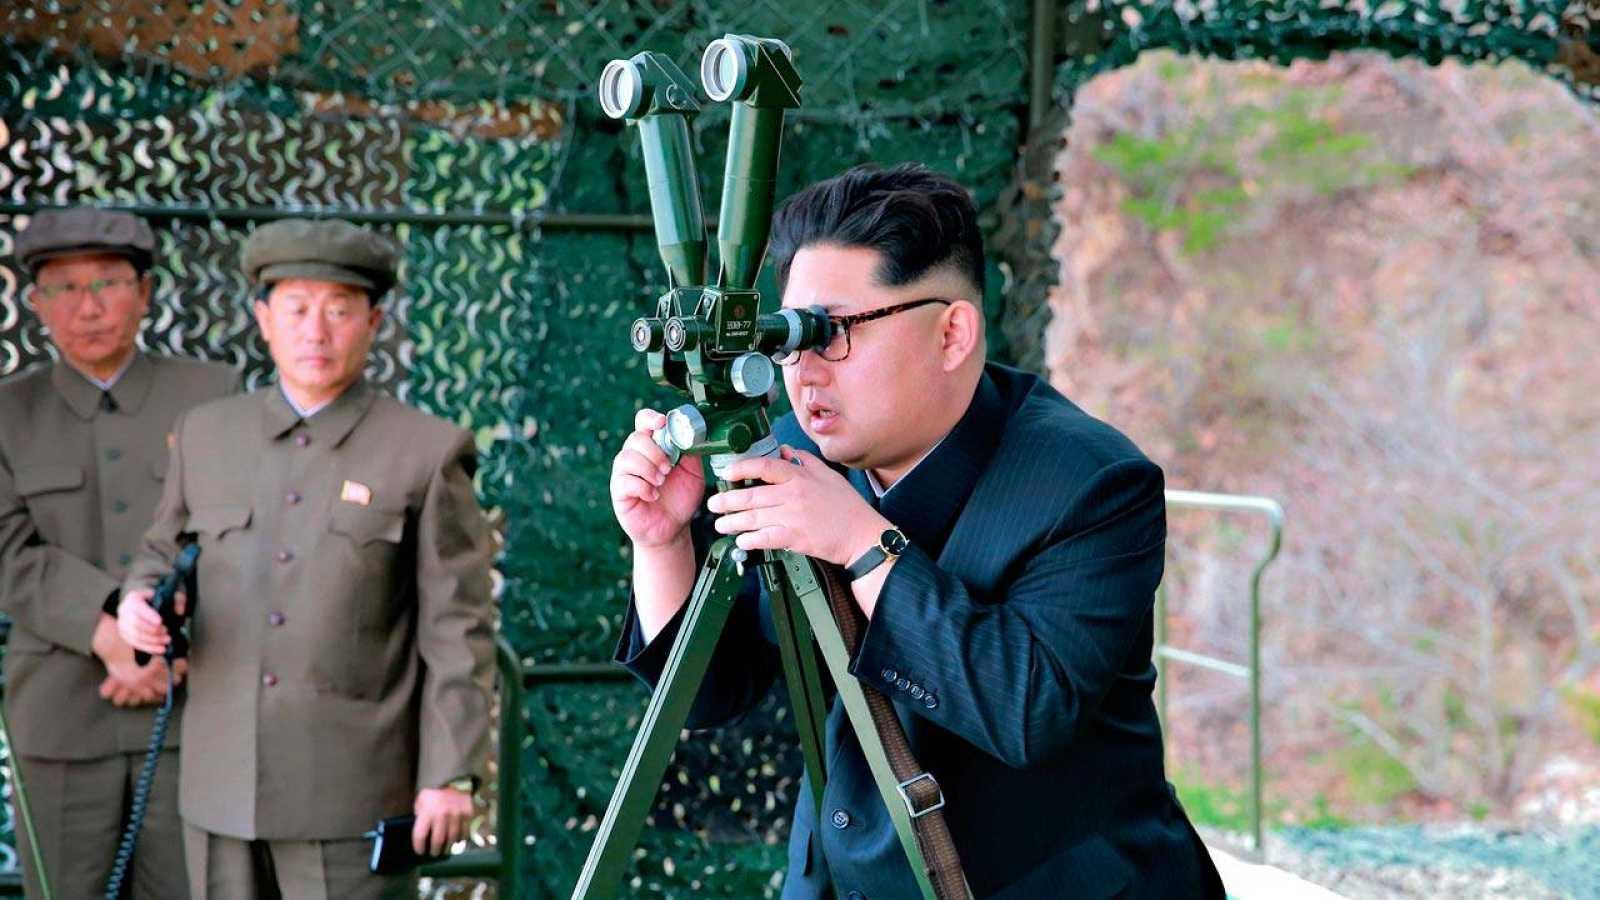 El líder de Corea del Norte, Kim Jong-un, durante un ensayo militar hace pocos días